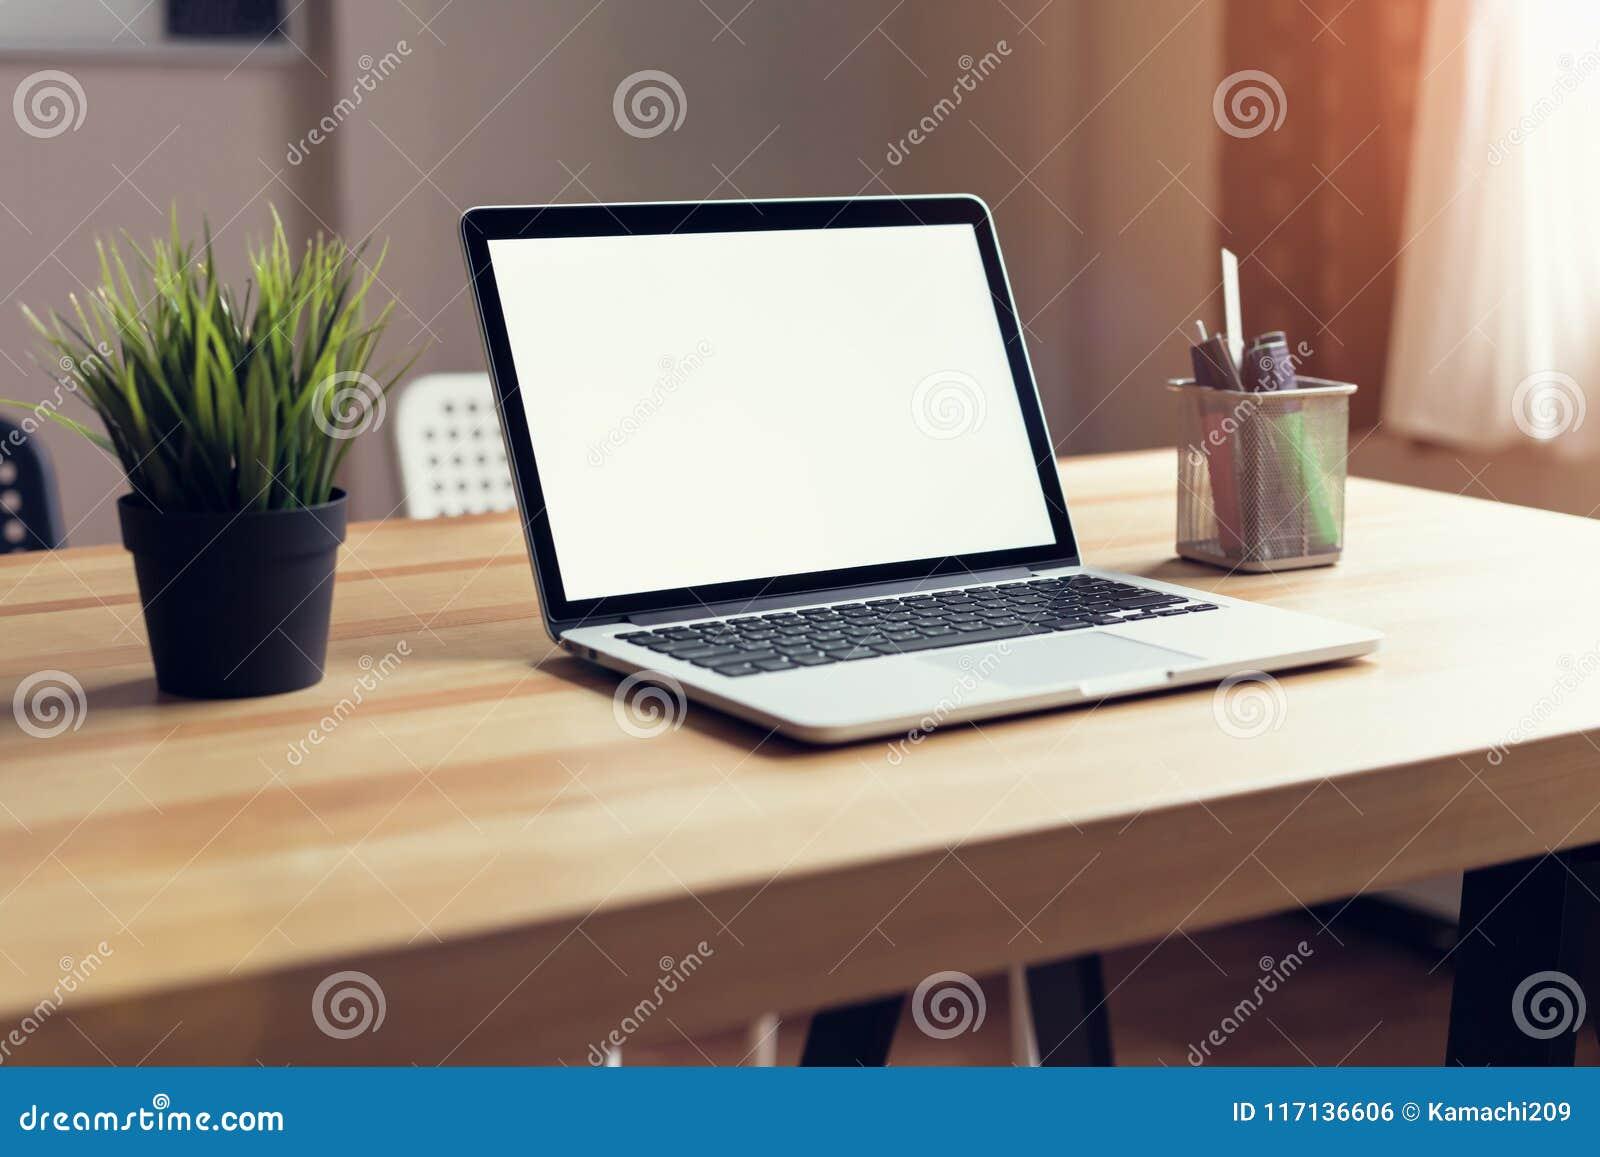 Ordinateur portable sur la table à larrière plan de pièce de bureau